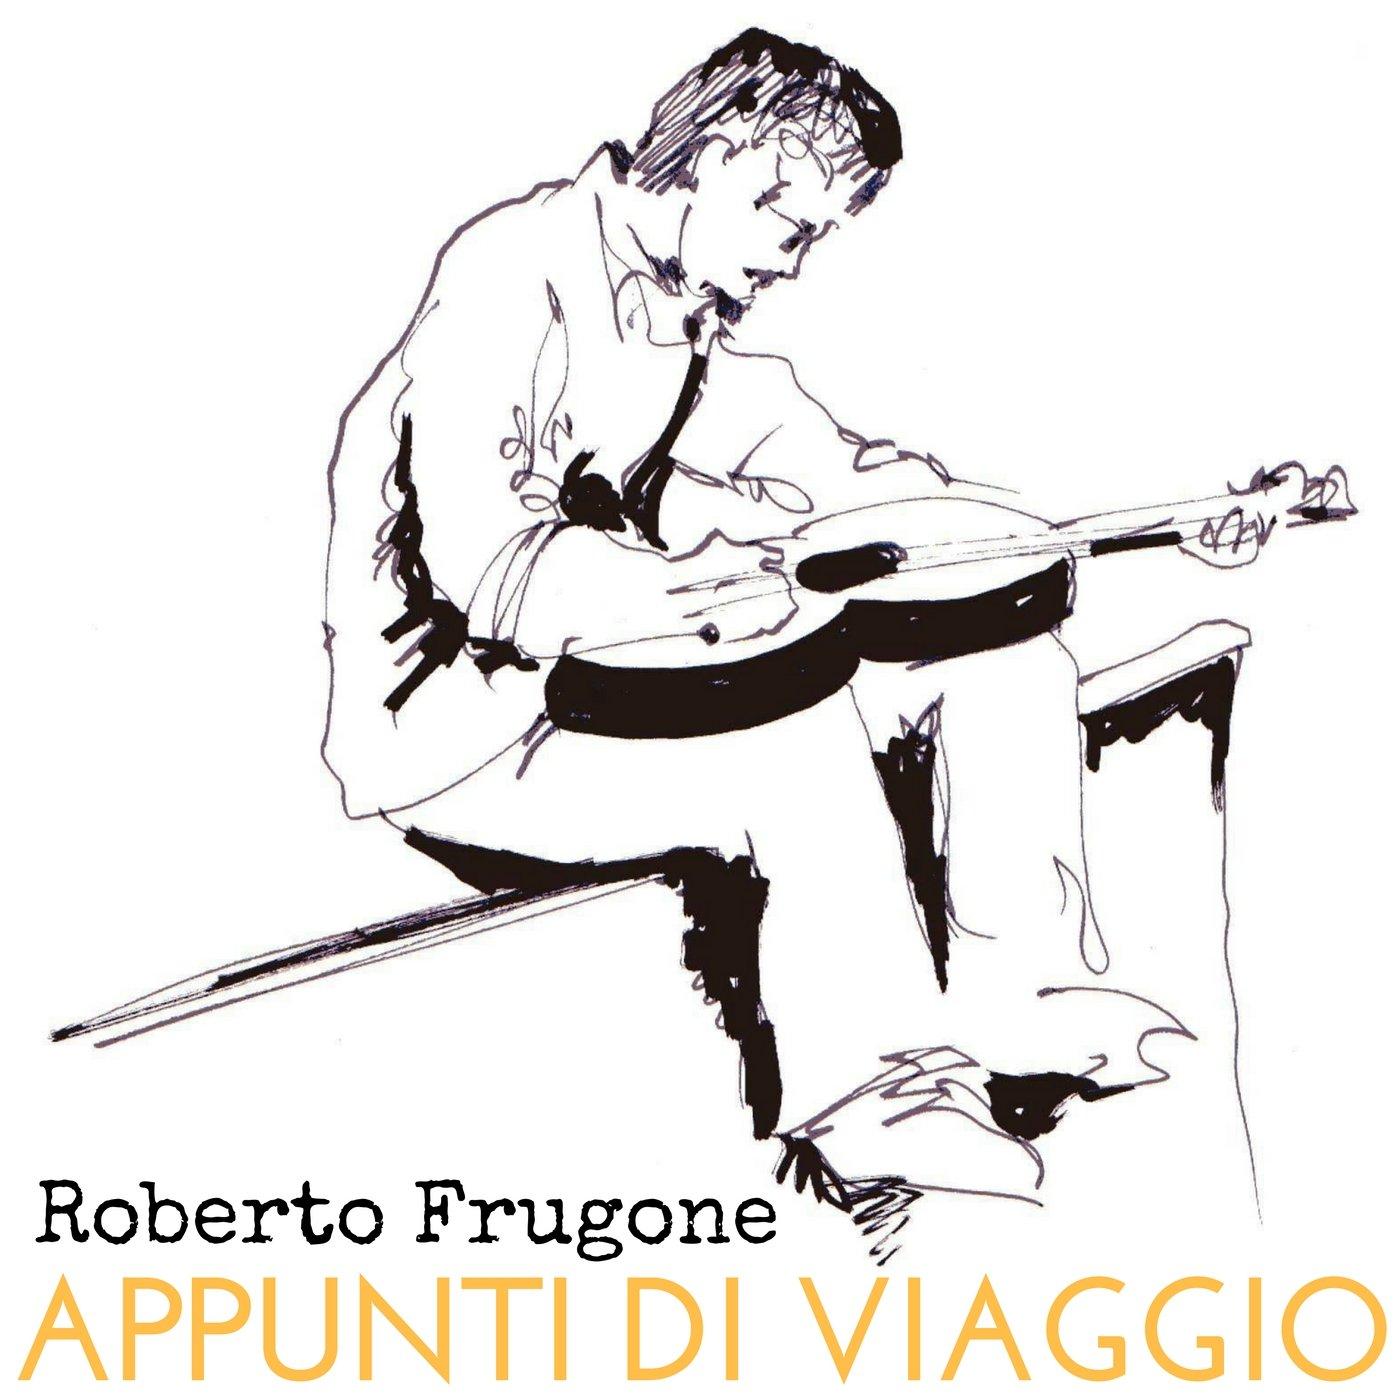 Roberto Frugone - Appunti di viaggio (1996)